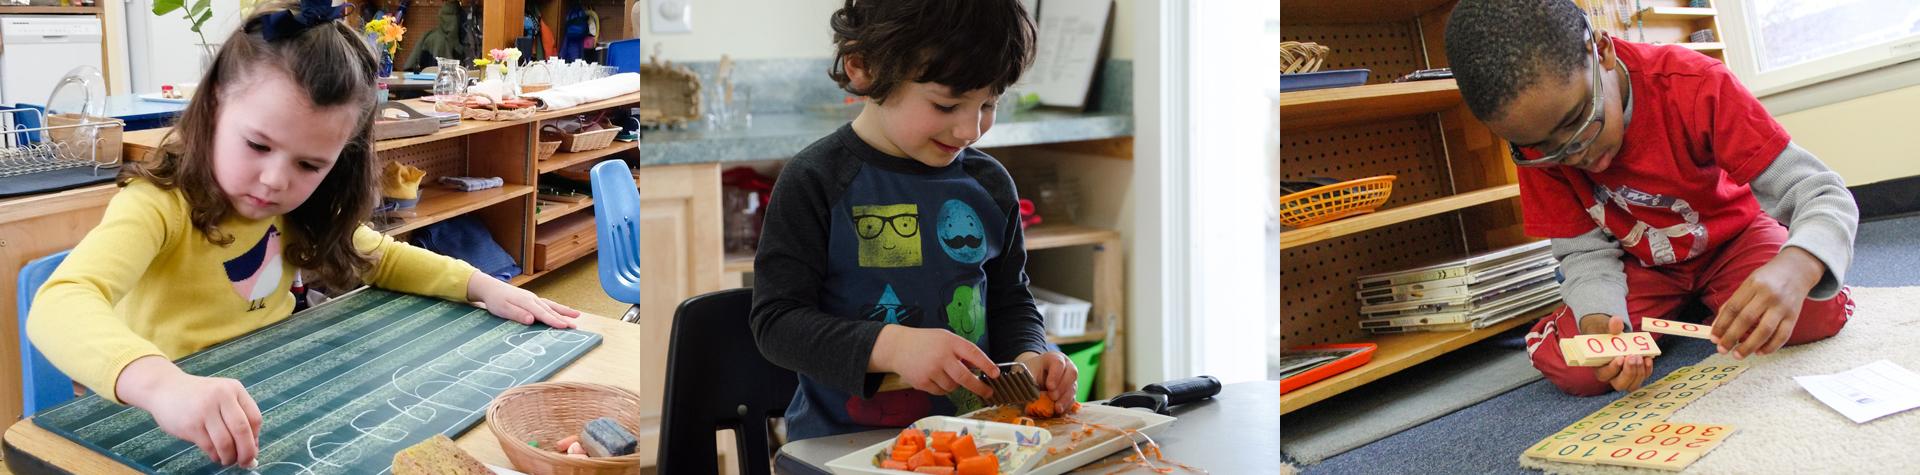 Children's House - Greenspring Montessori School